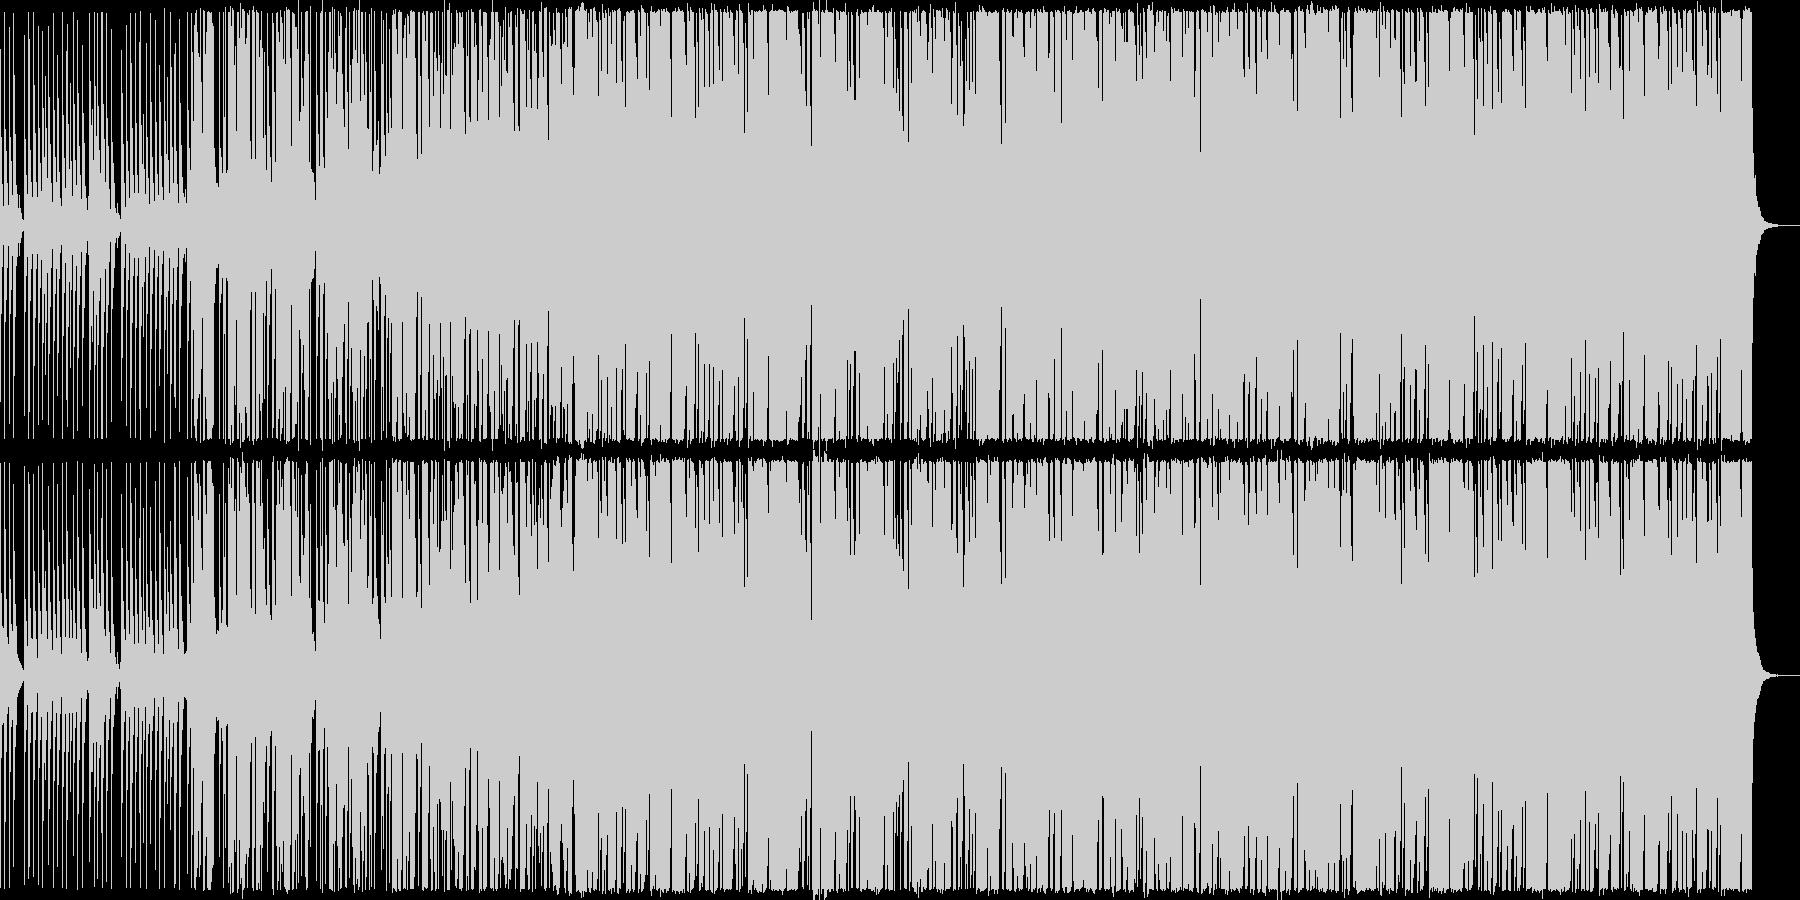 疾走感のある切ないEDMの未再生の波形